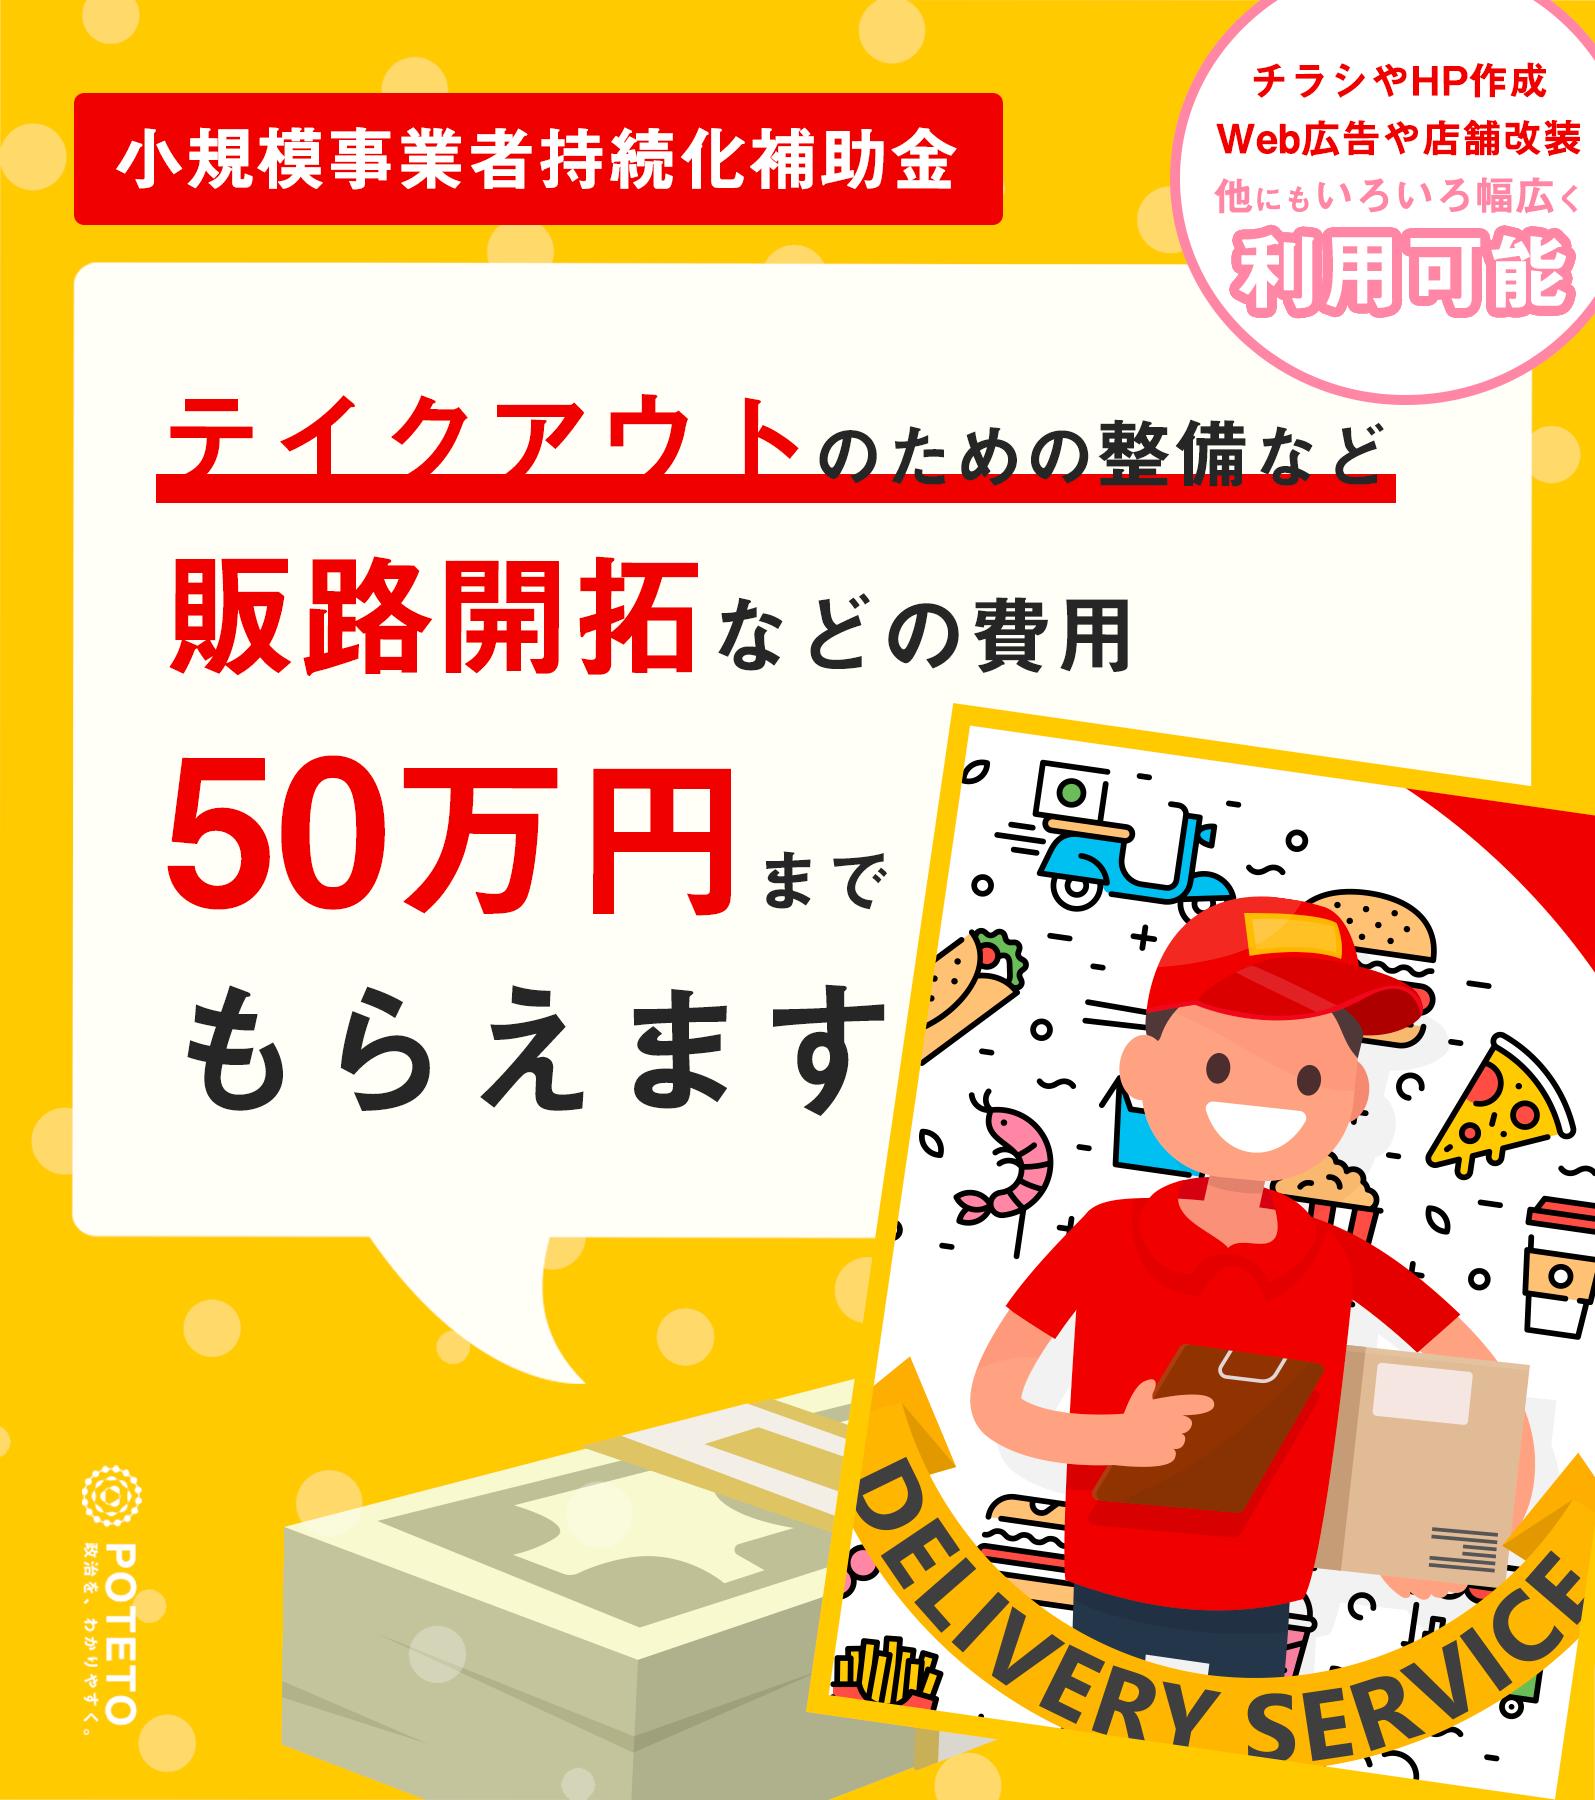 5903bdb5bfdfba72e60e5d2d89d1c821 1 - Products